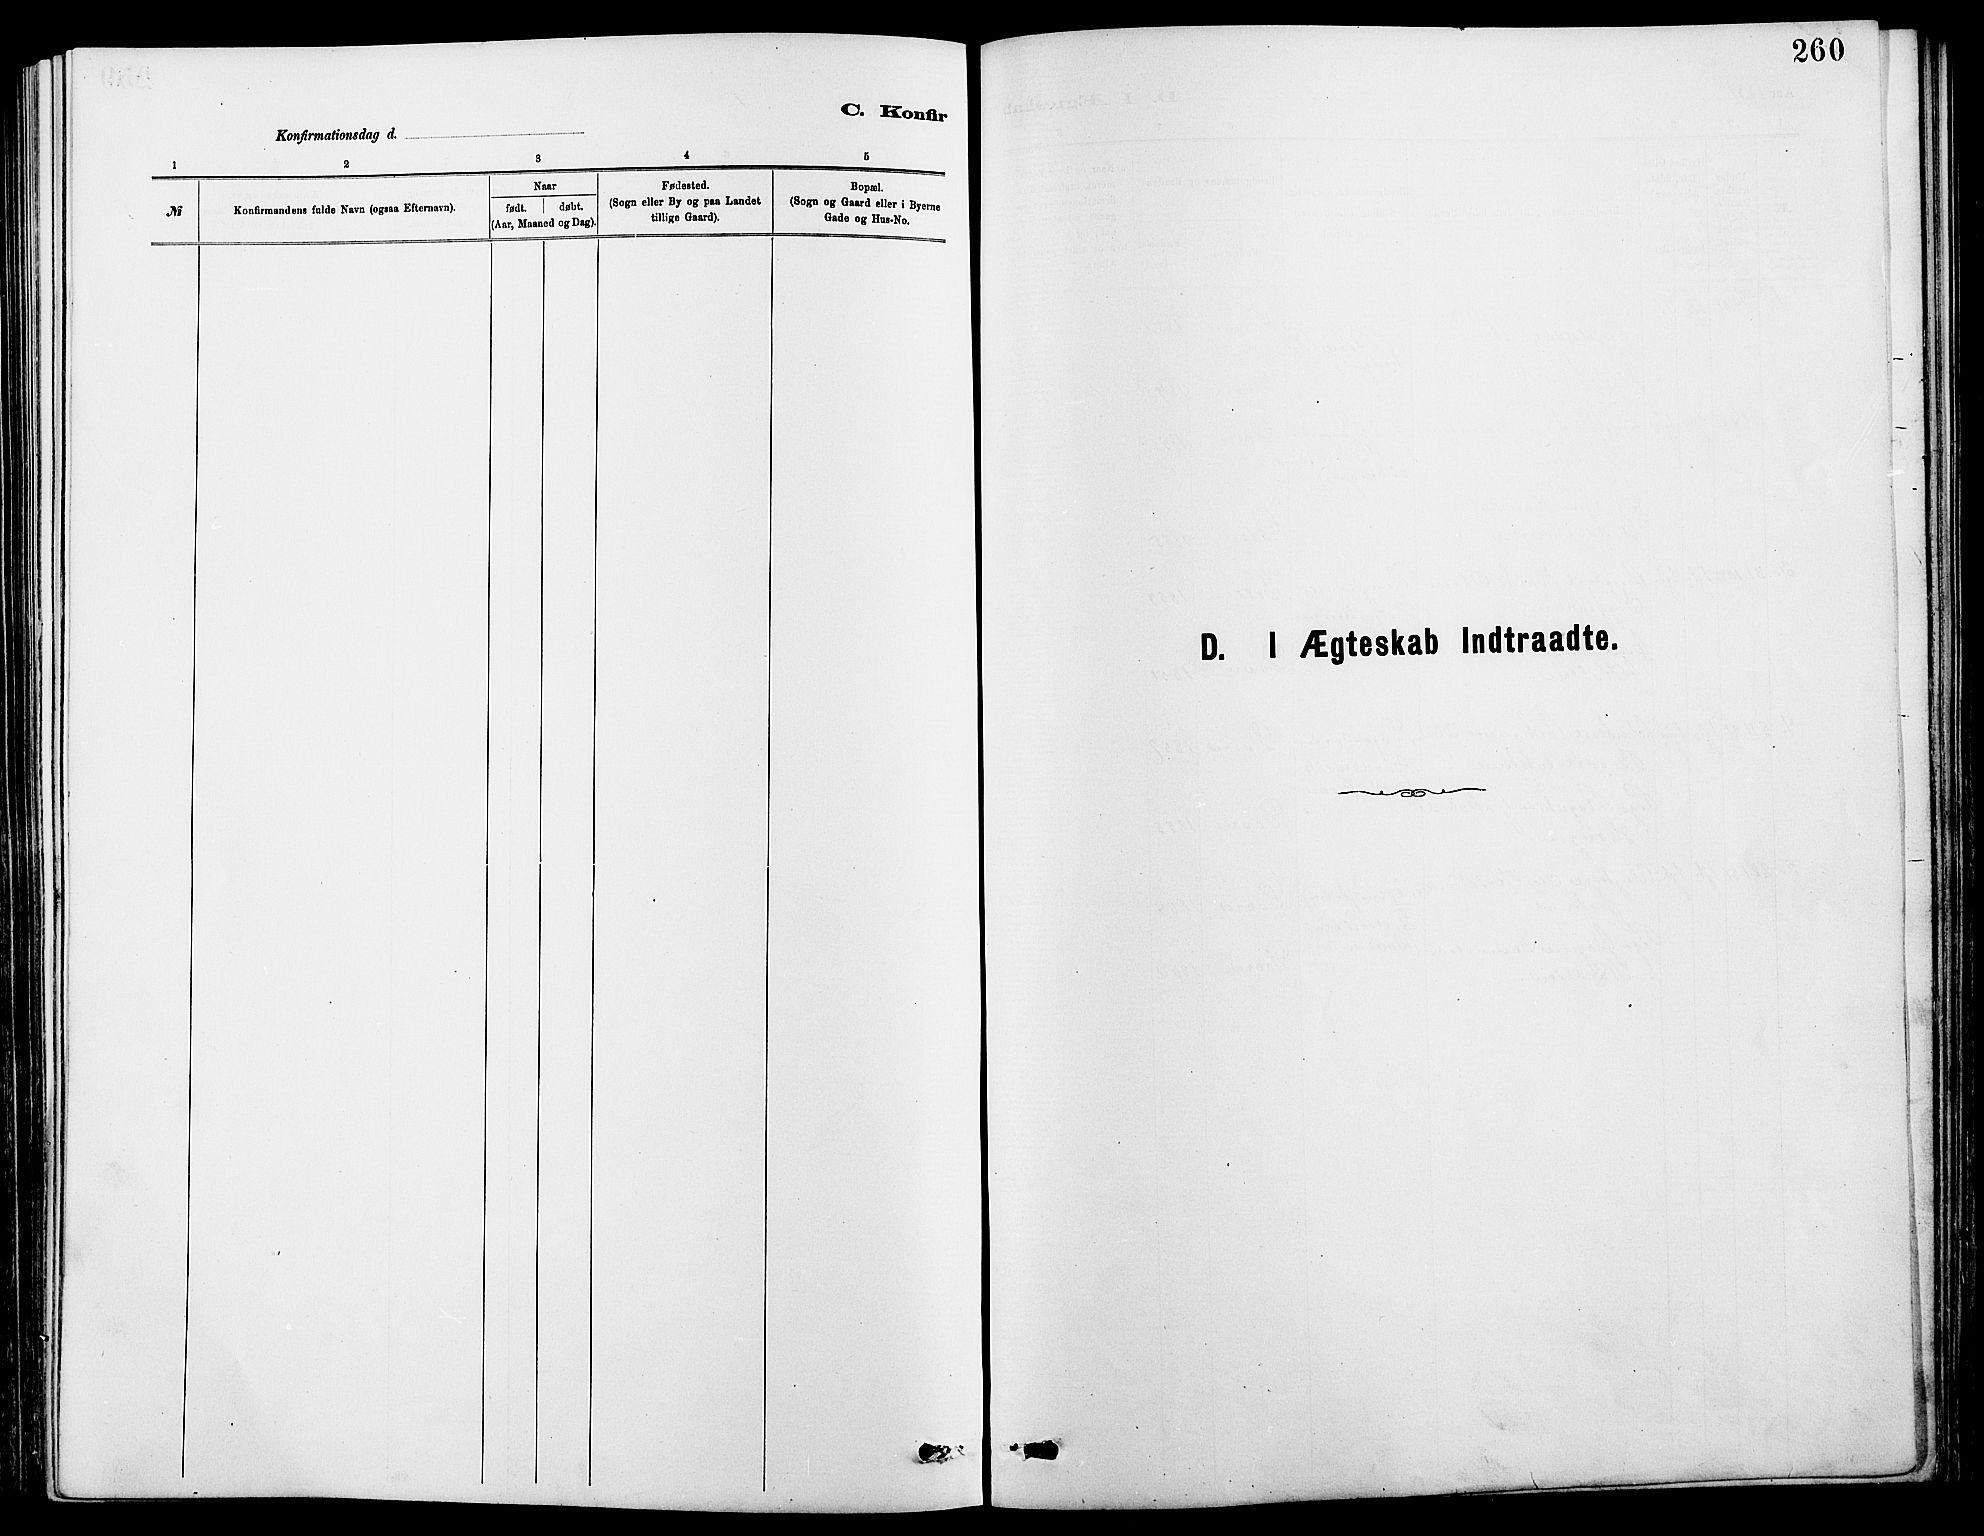 SAH, Dovre prestekontor, Klokkerbok nr. 2, 1881-1907, s. 260